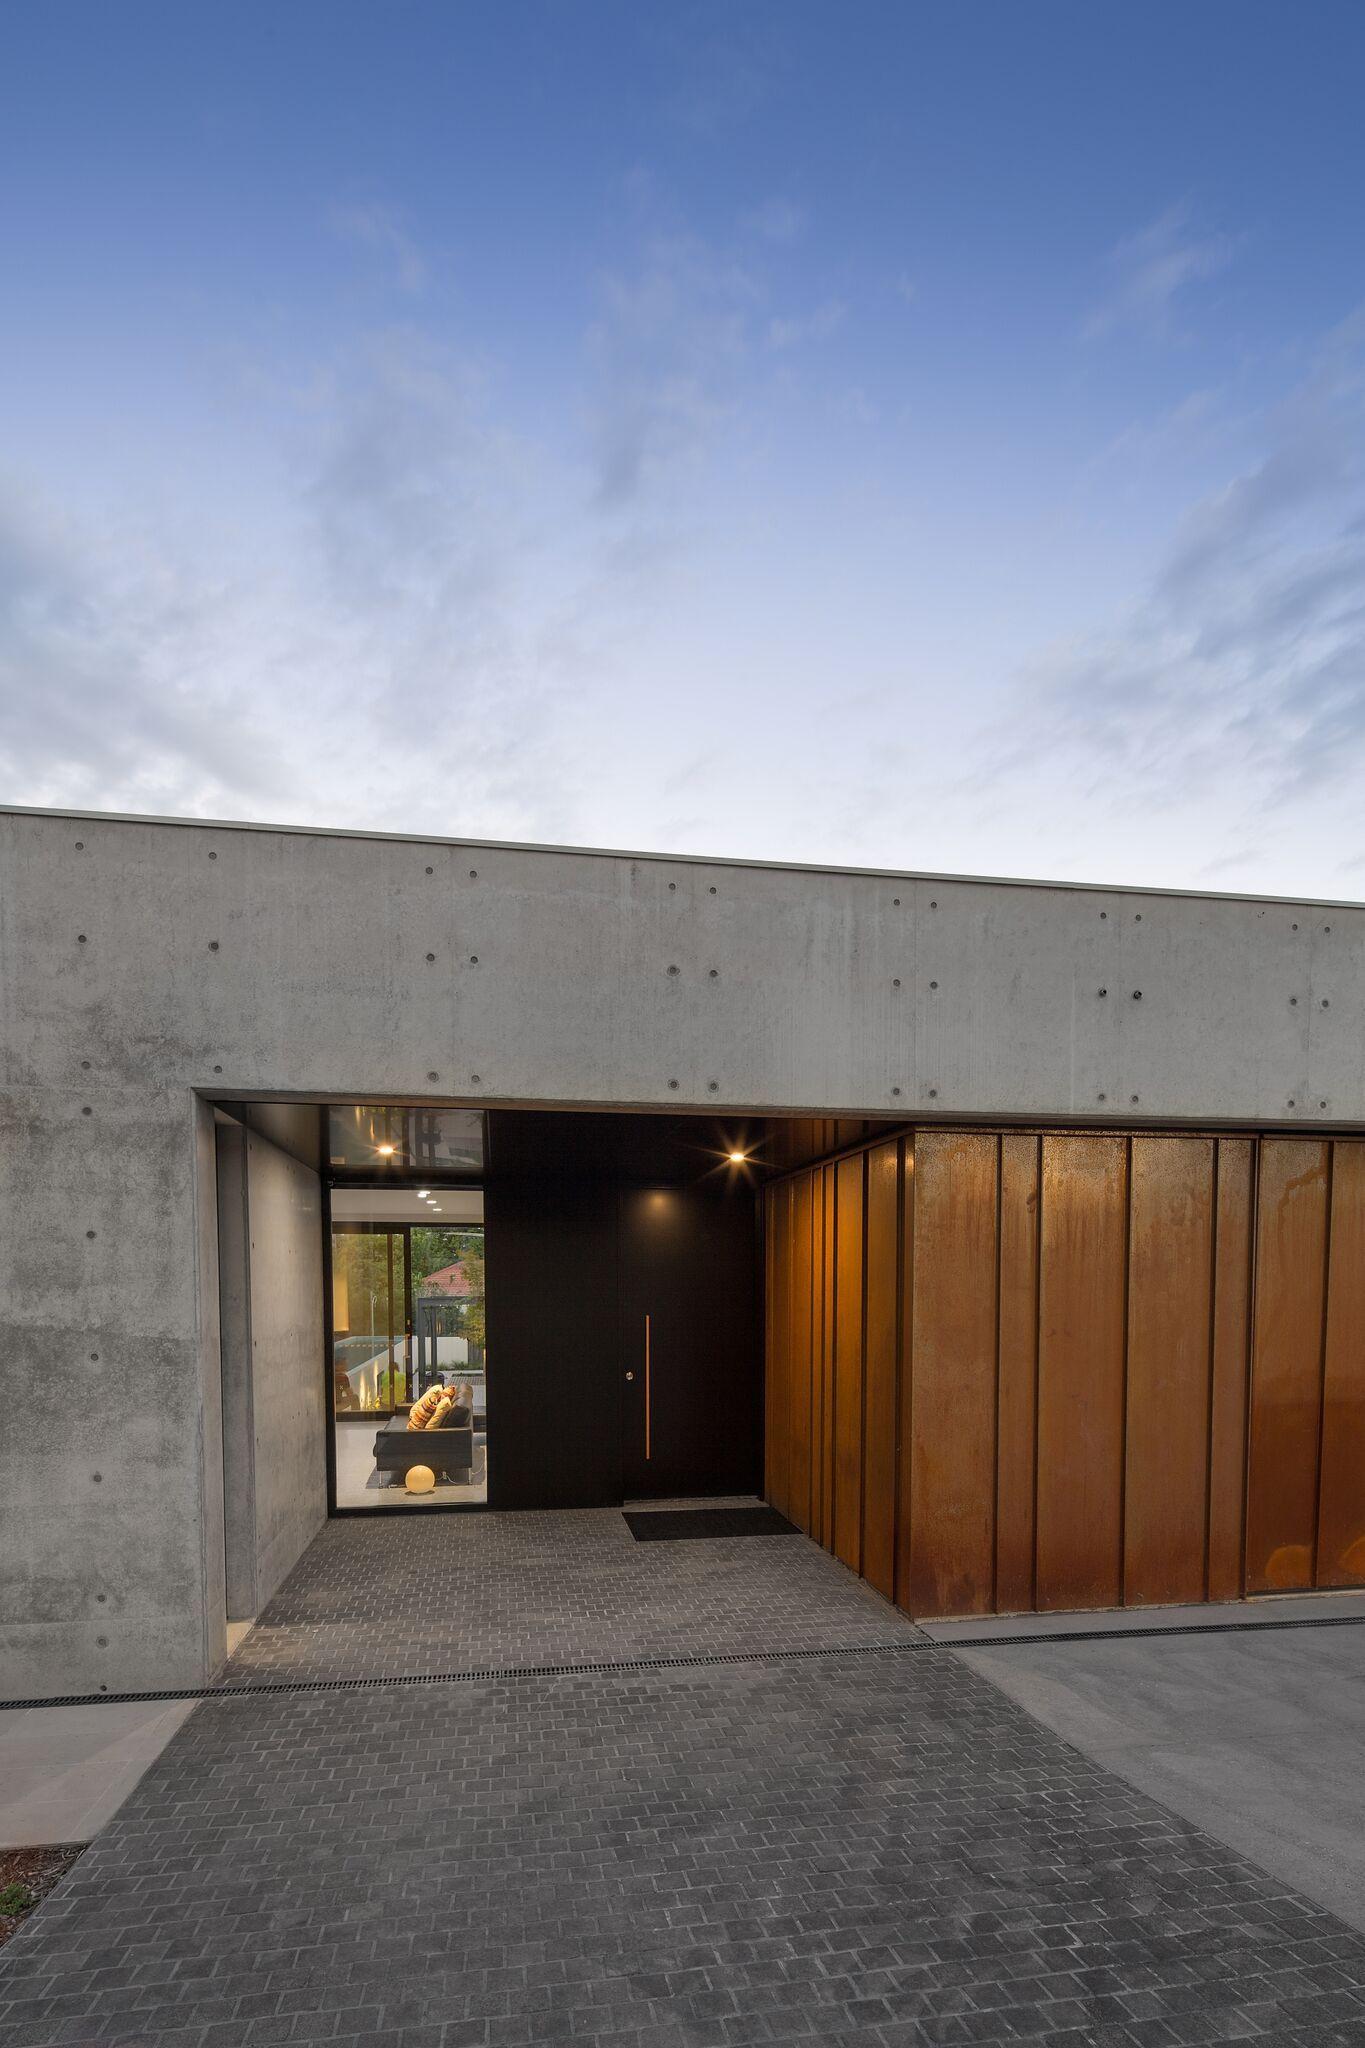 Casa moderna de amplio territorio concreto casas for Casa moderna hormigon